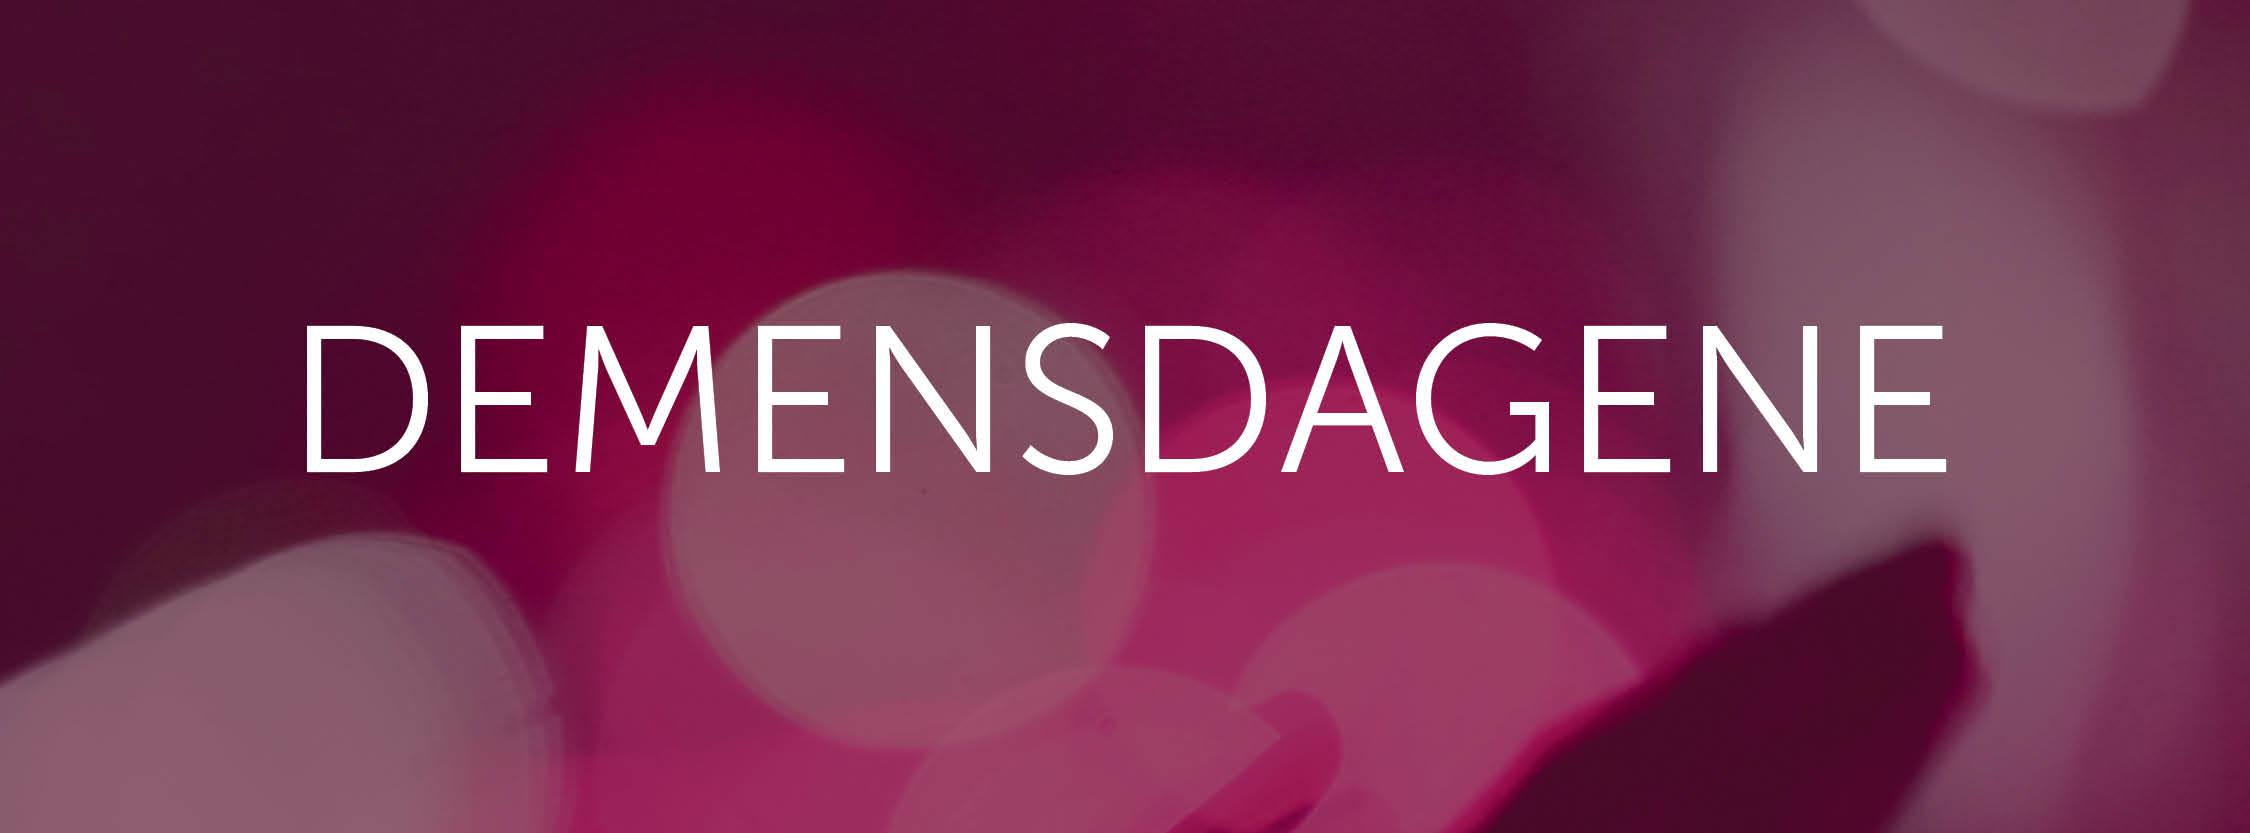 Banner Demensdagene